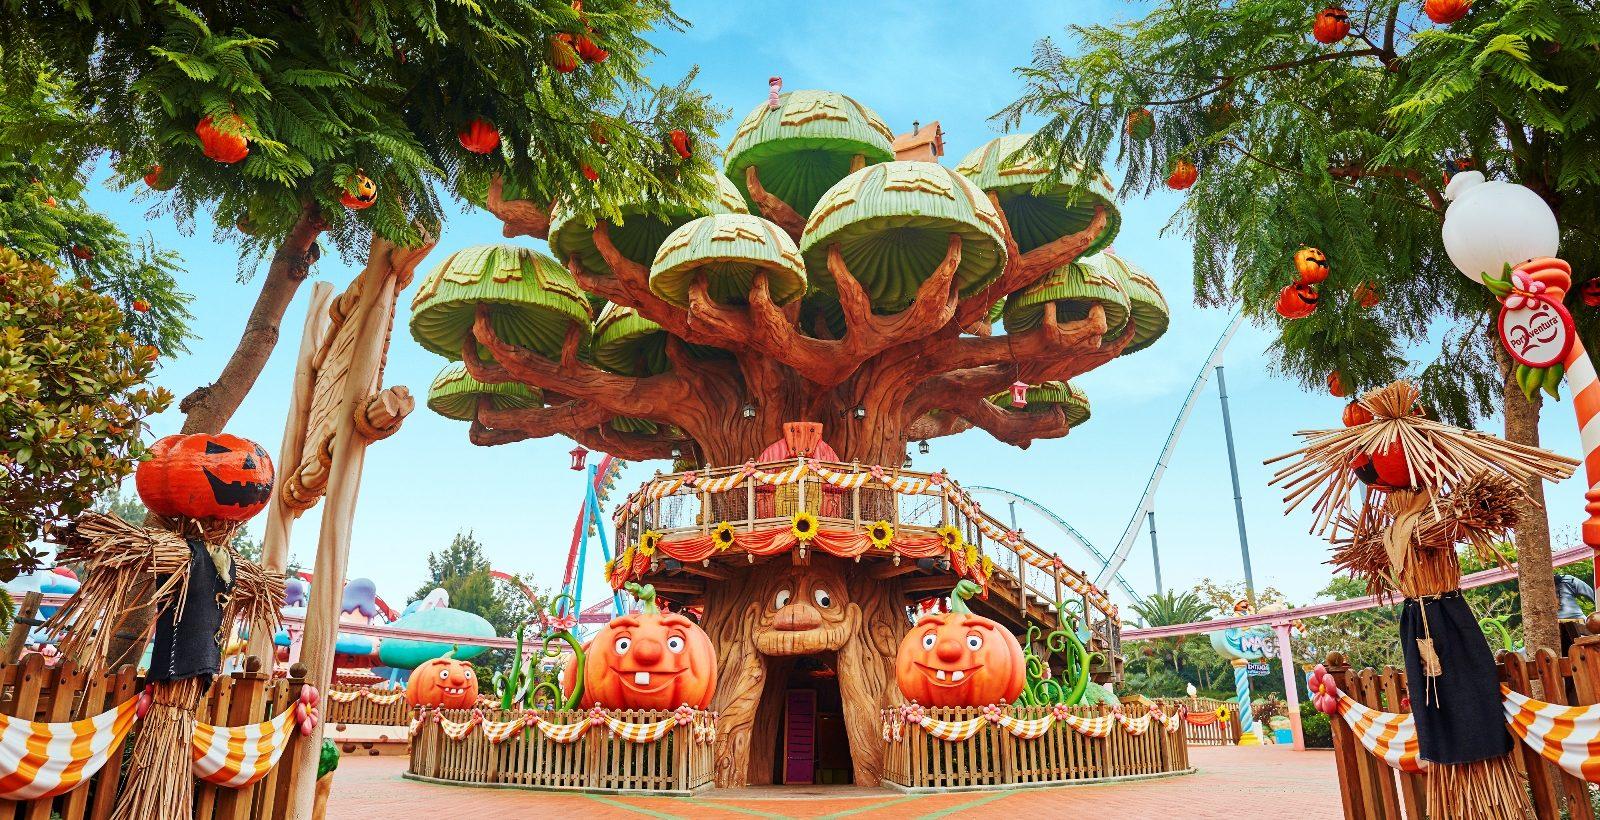 Du 23 septembre au 19 novembre, c'est Halloween à PortAventura Park